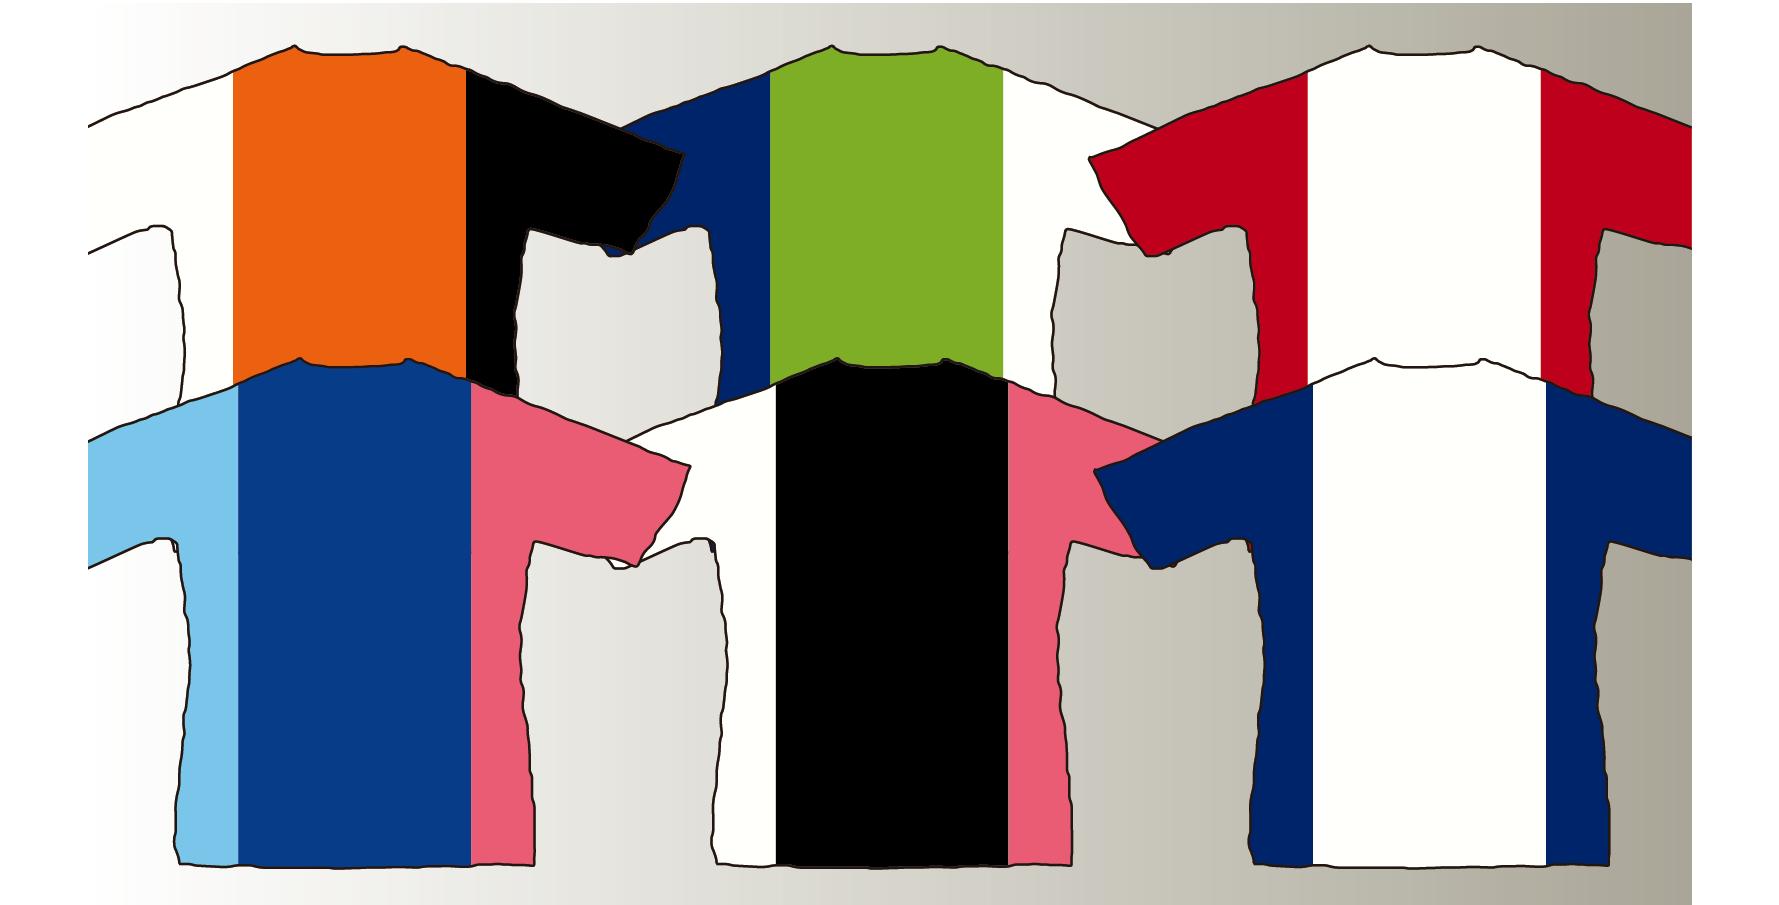 野球ユニフォーム 【同じ配色なのに印象が変わる】デザインパターンのアレンジを解説's image